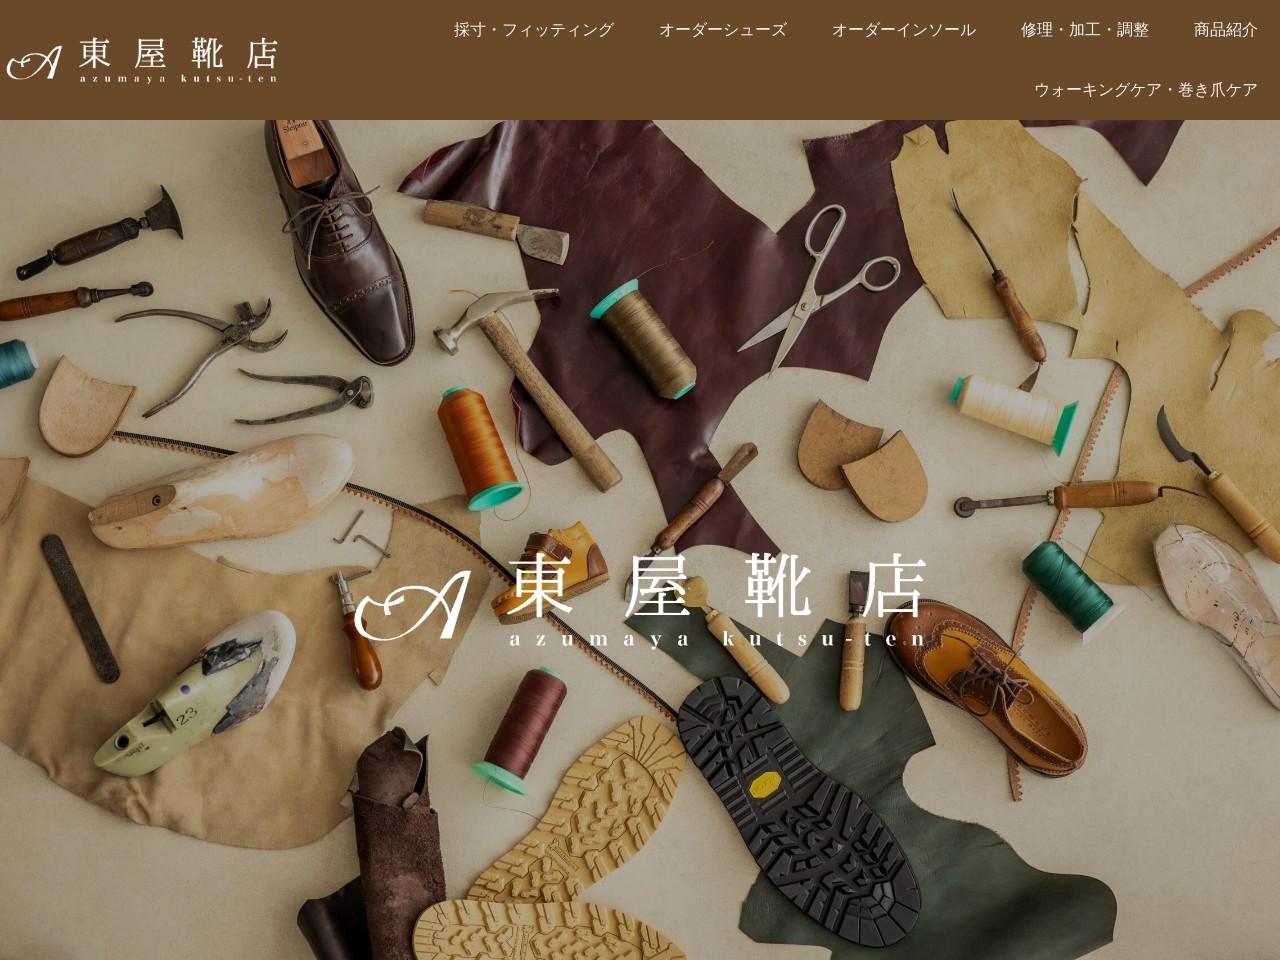 【東屋靴店】ウォーキングシューズ、カジュアルシューズ等の製造、販売